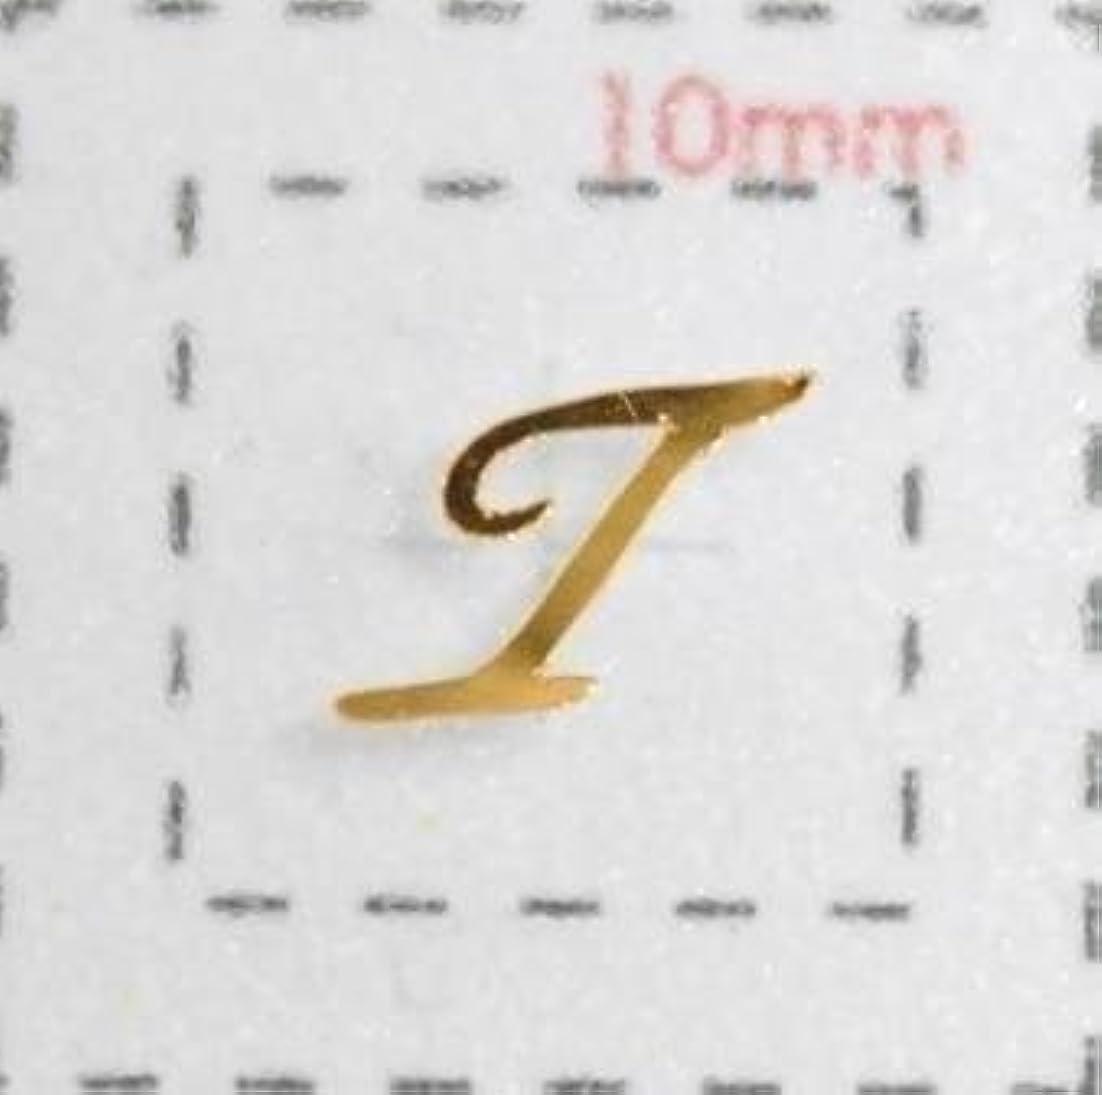 Nameネイルシール【アルファベット?イニシャル】大文字ゴールド( T )1シート9枚入